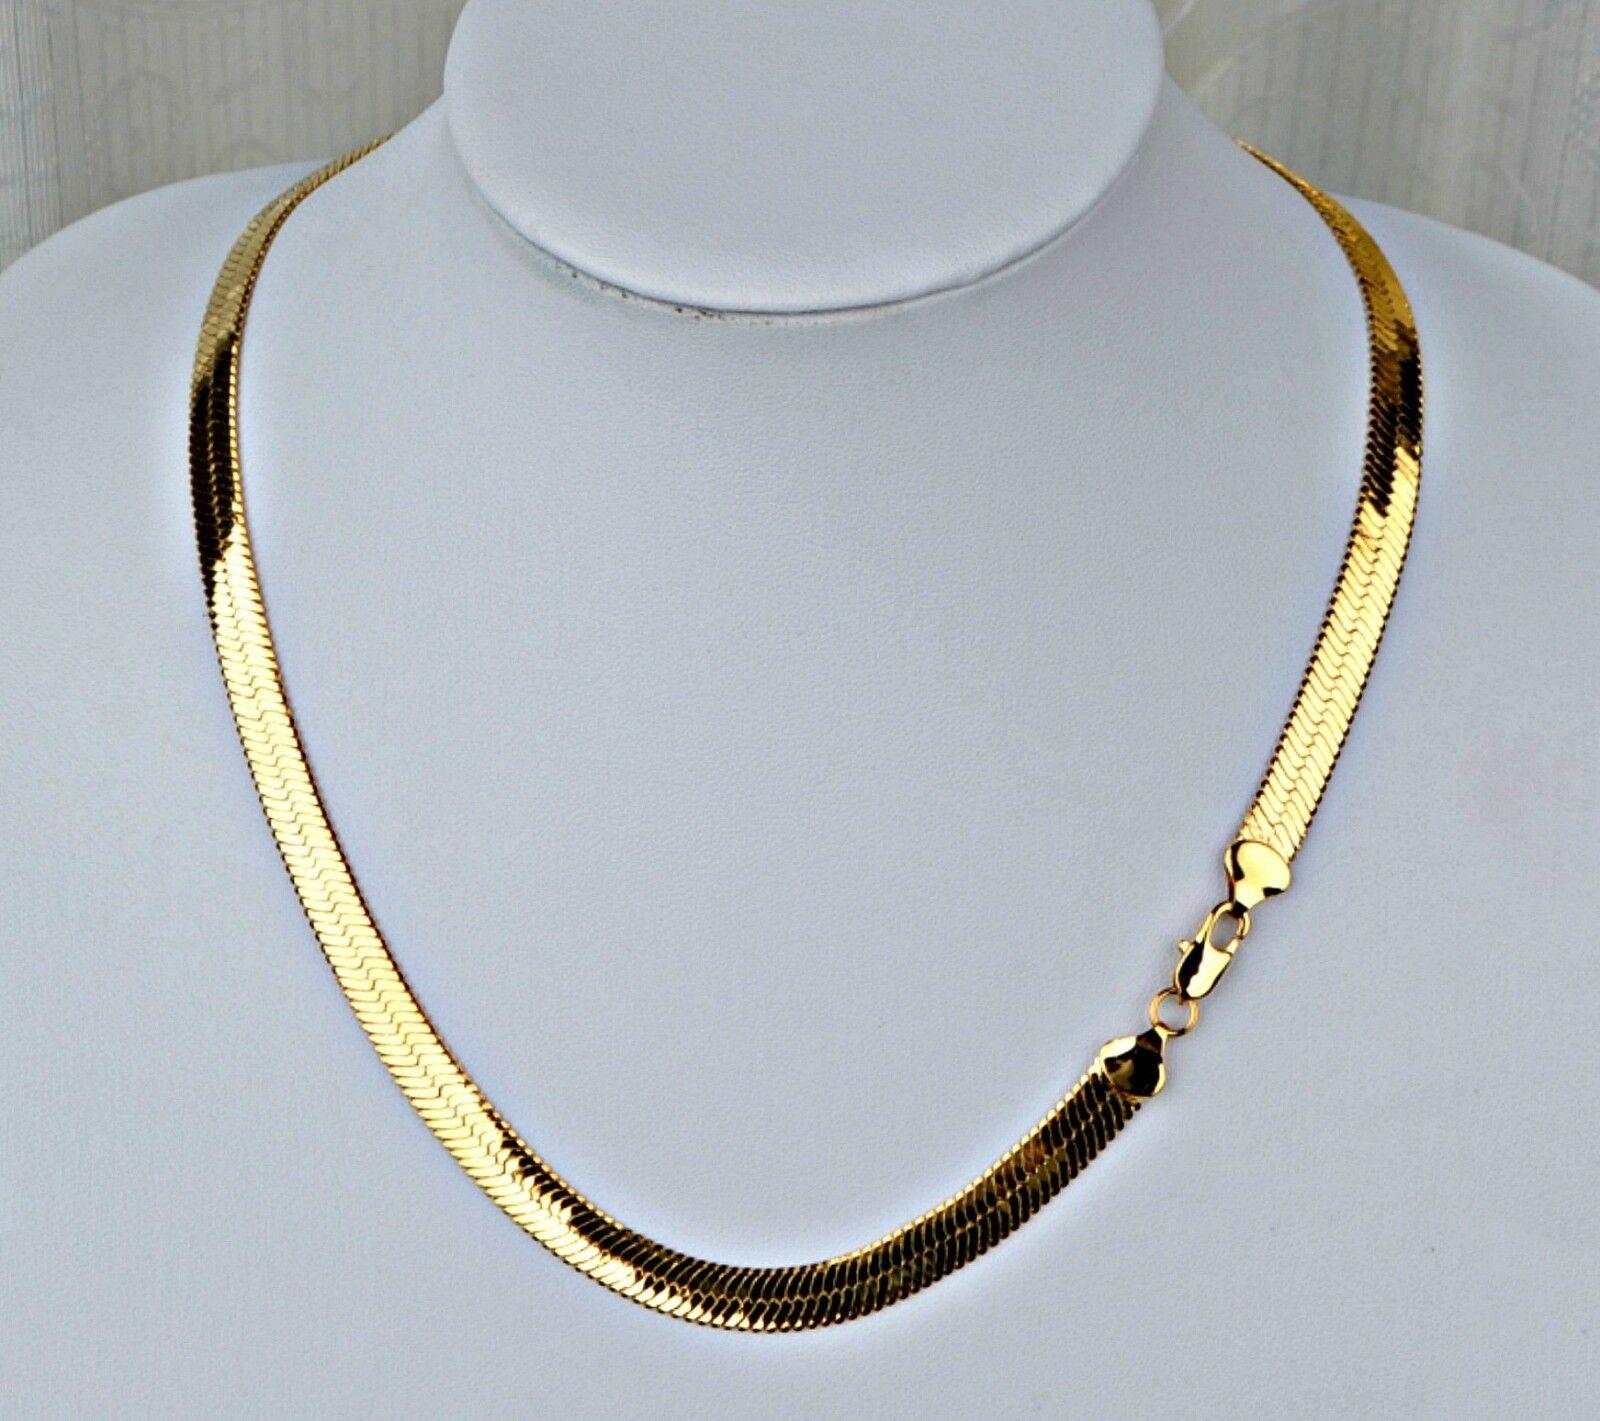 Золотая цепочка женская на шею картинки